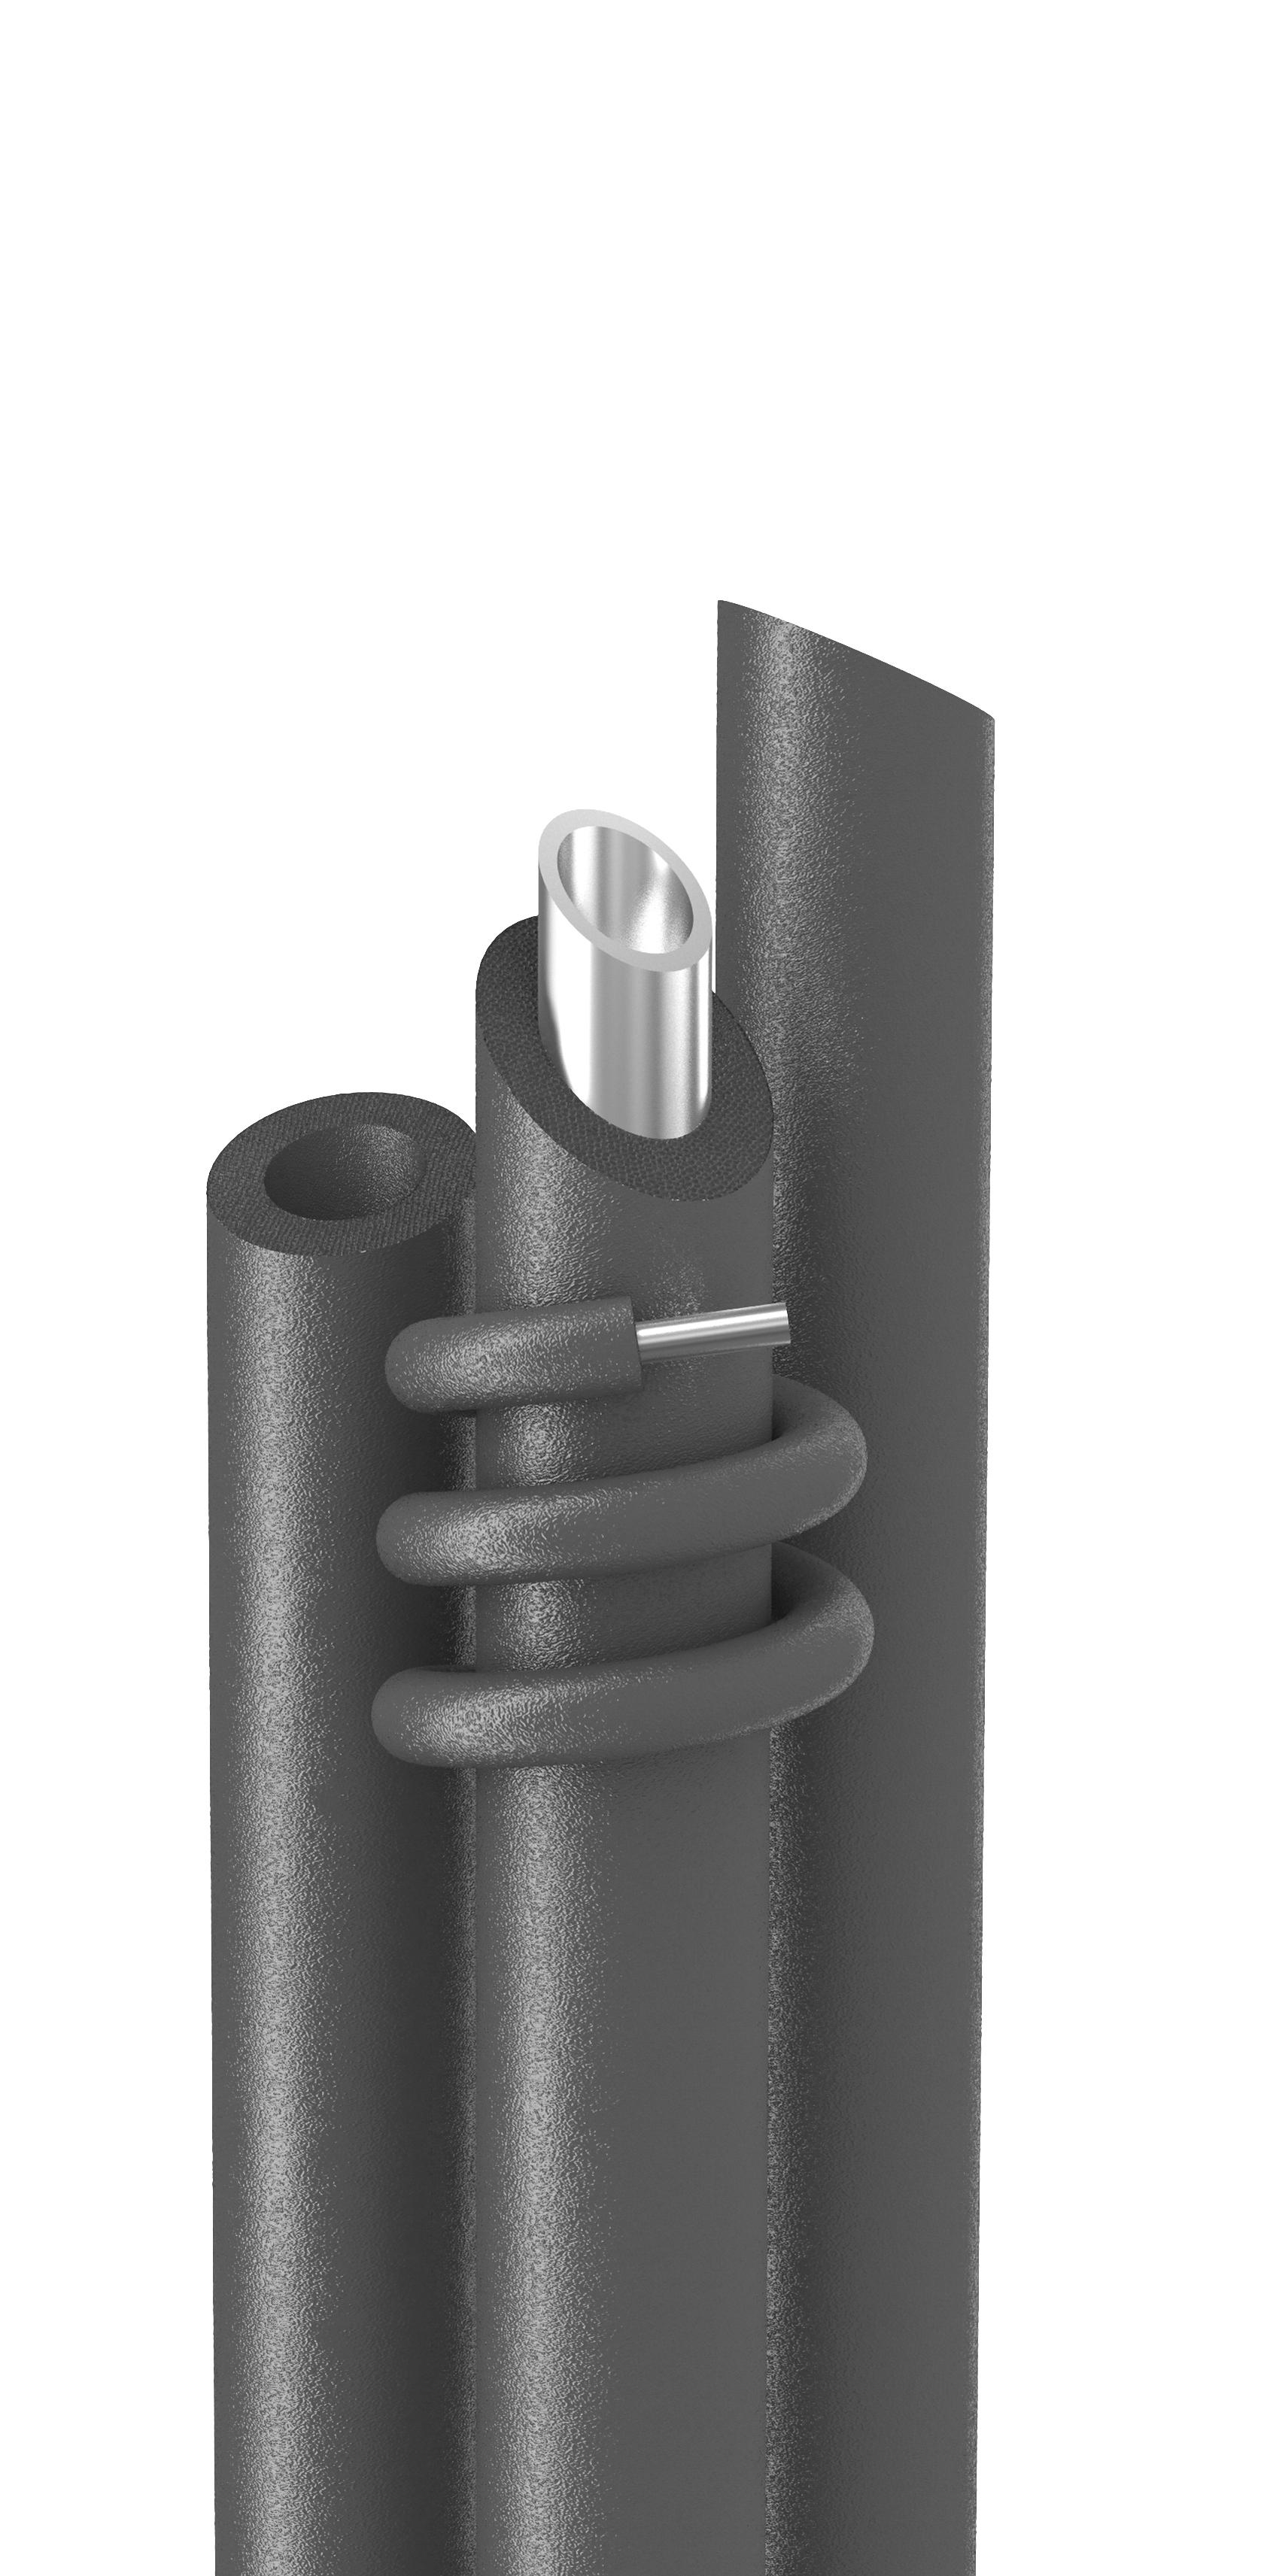 Трубки Energoflex толщ.9мм диам.22